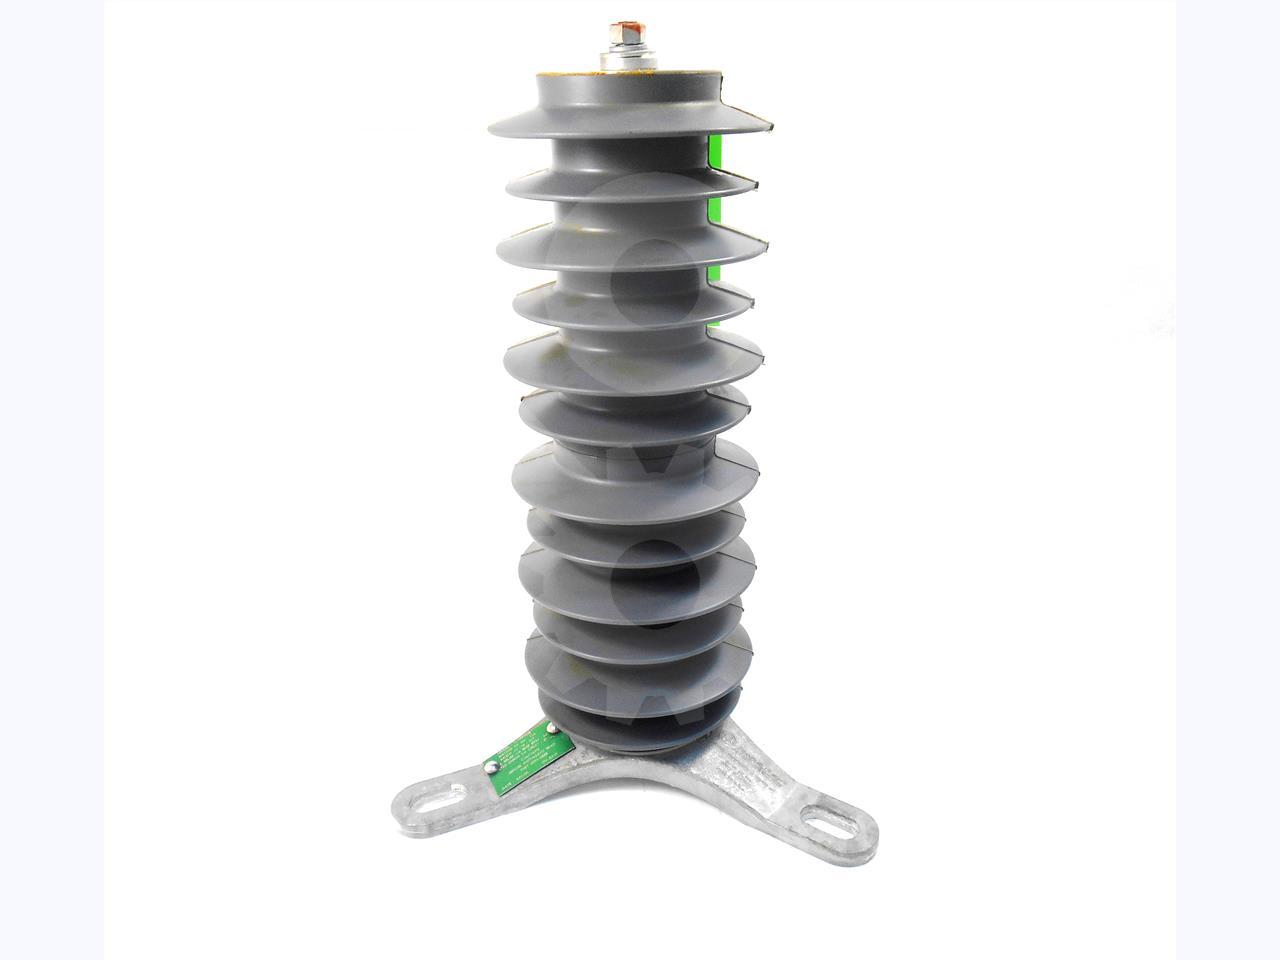 9L11XPT015 GE / General Electric 15KV POLYMER LIGHTNING ARRESTOR 12.7KV MCOV